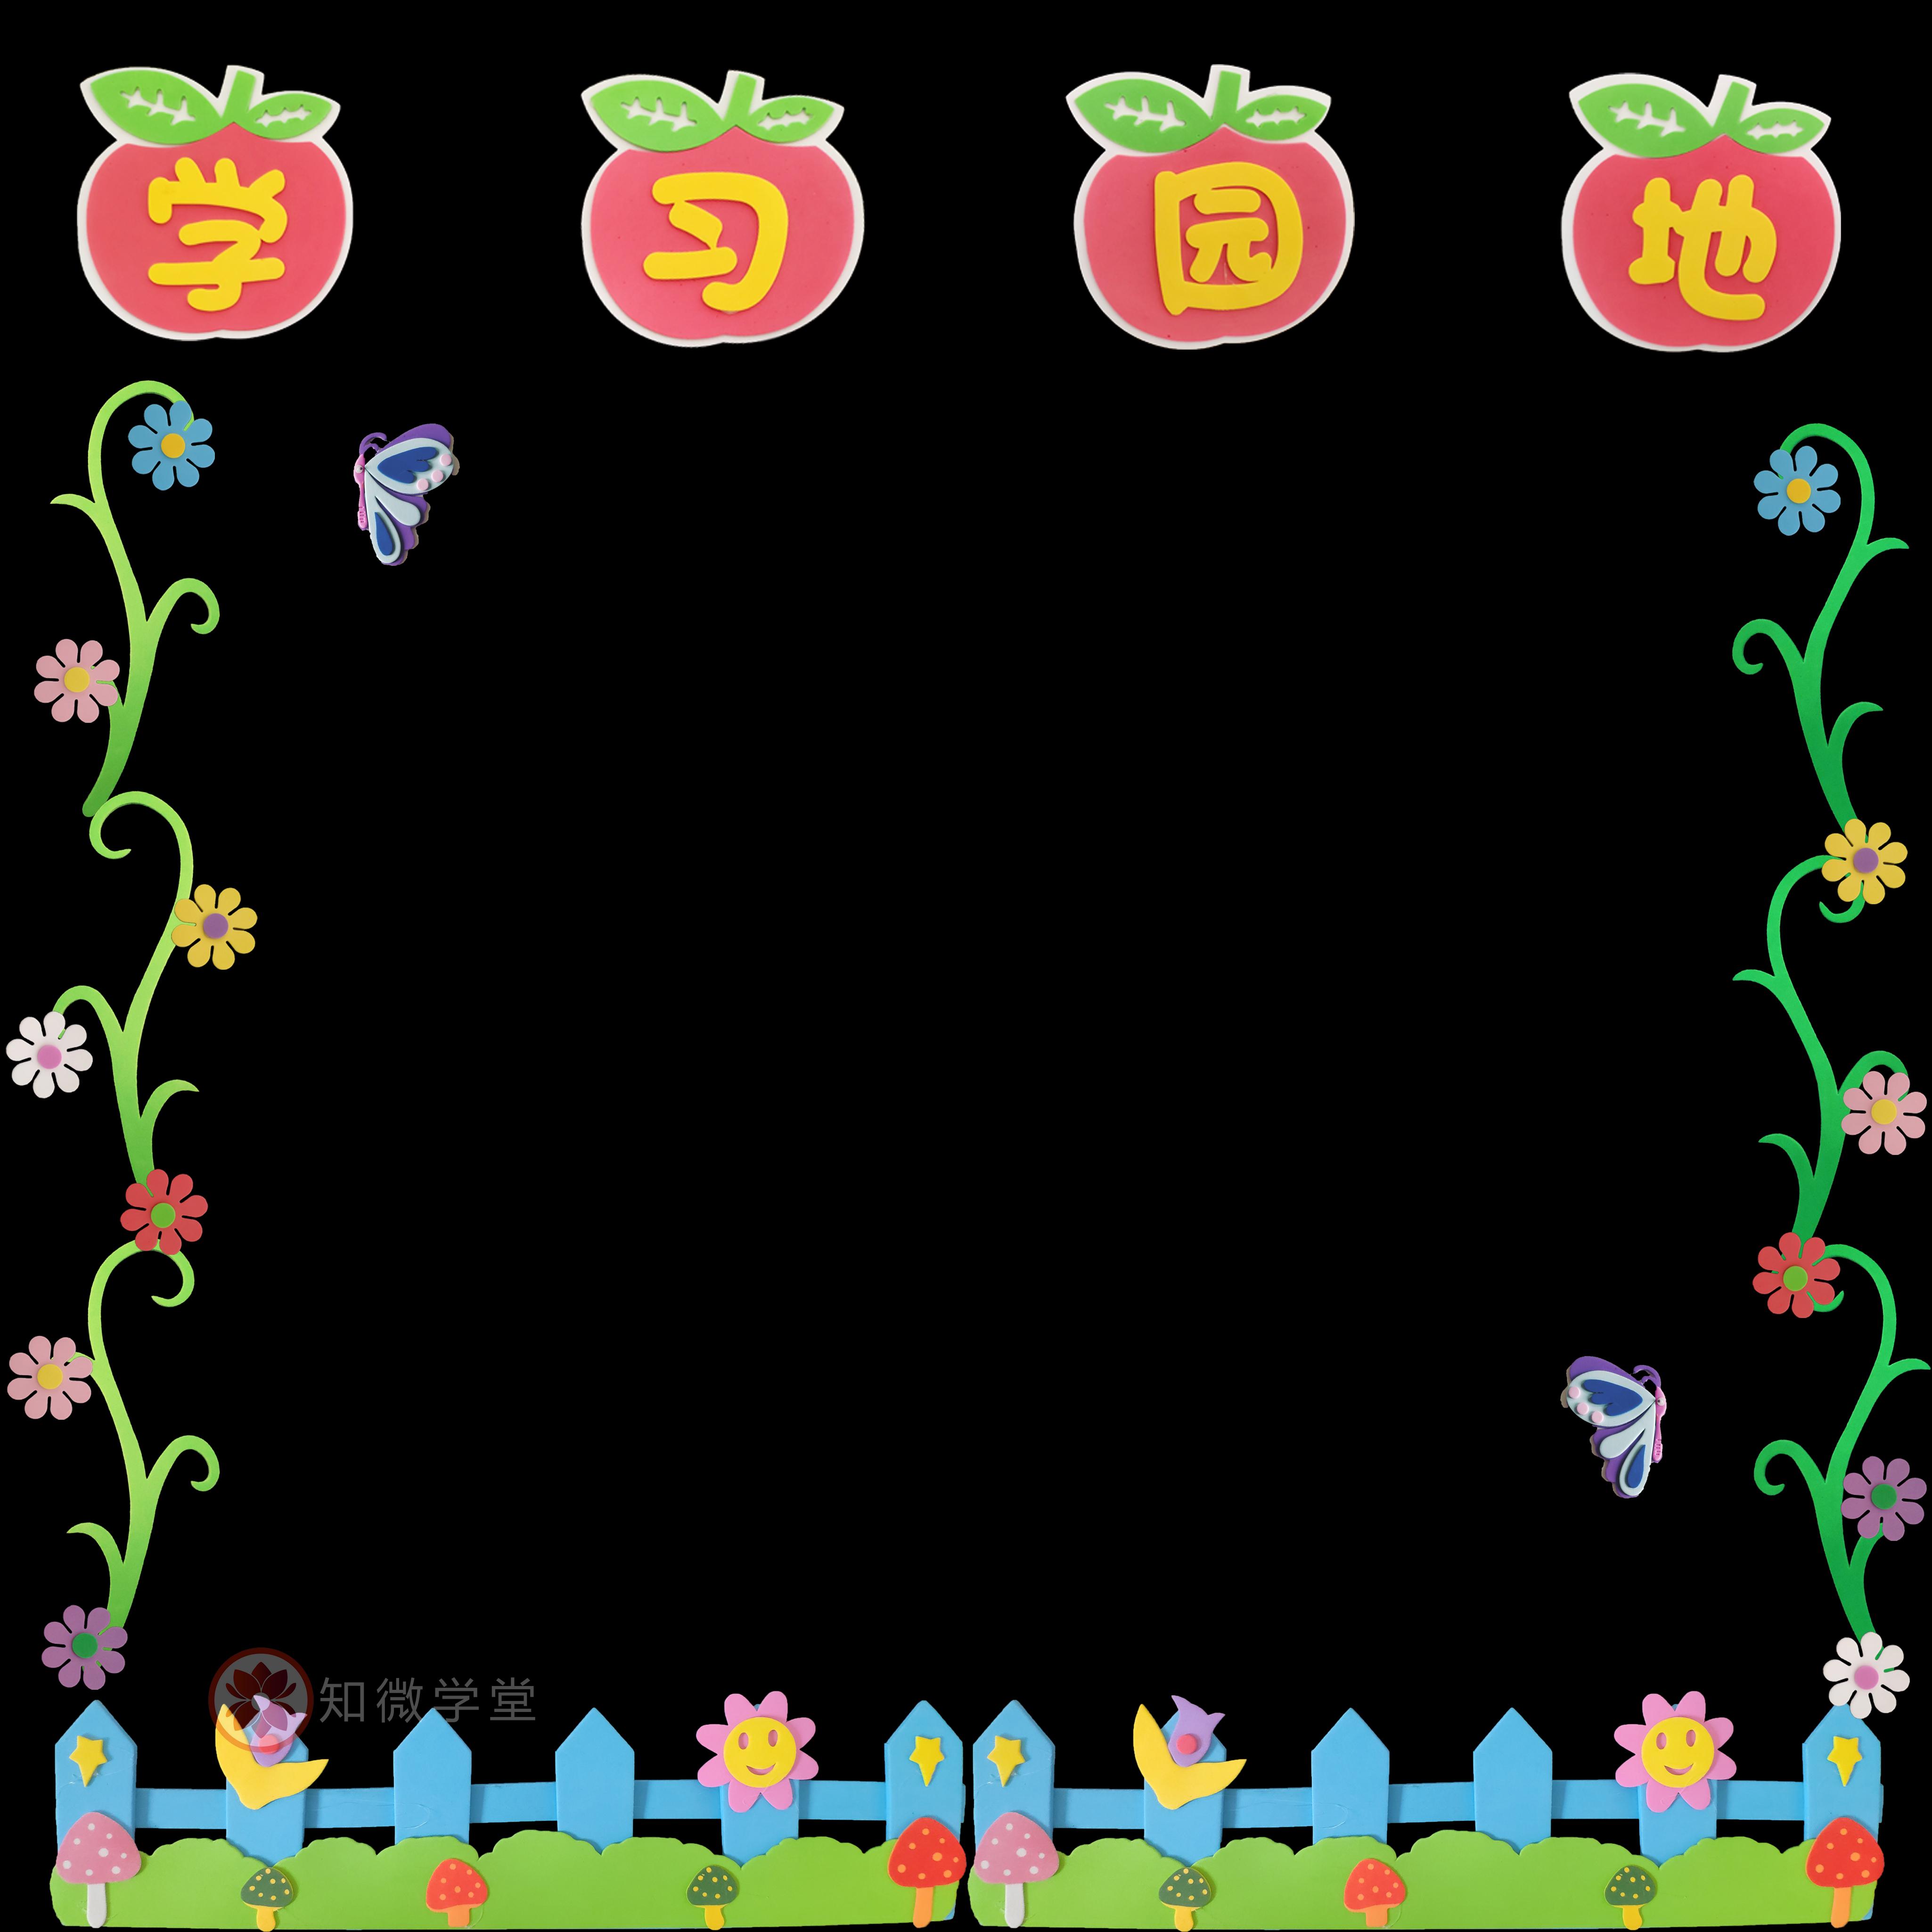 幼儿园小学黑板报花边框学习园地班级文化照片墙装饰教室环境布置